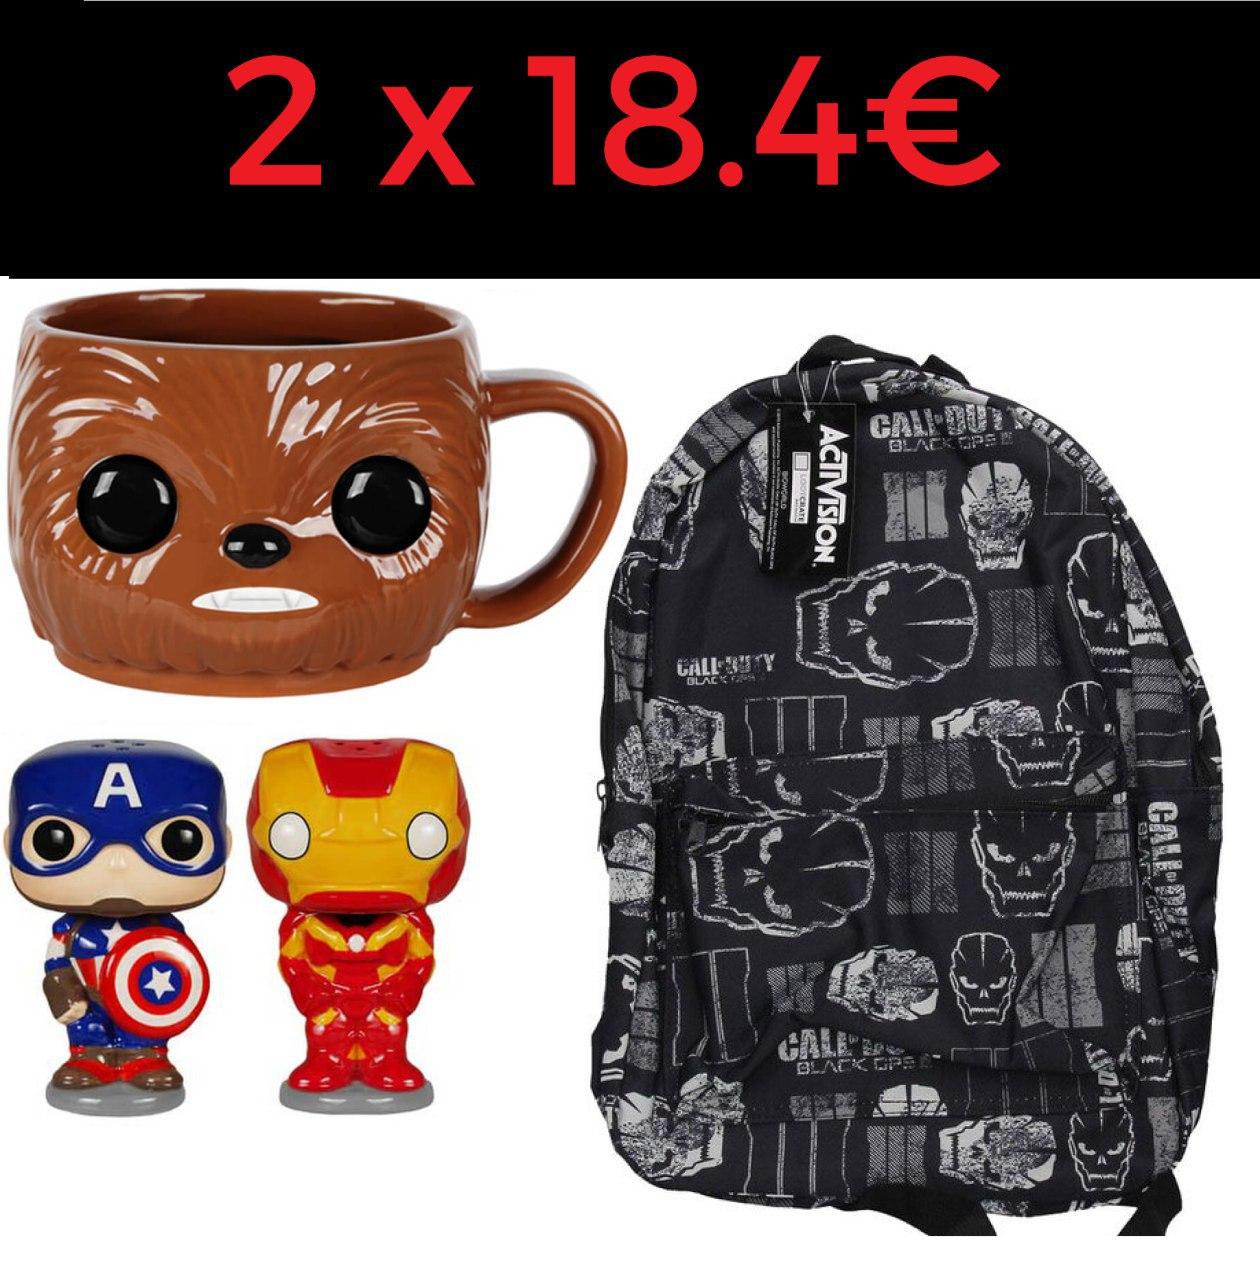 2 productos por 18.4€ en Zavvi